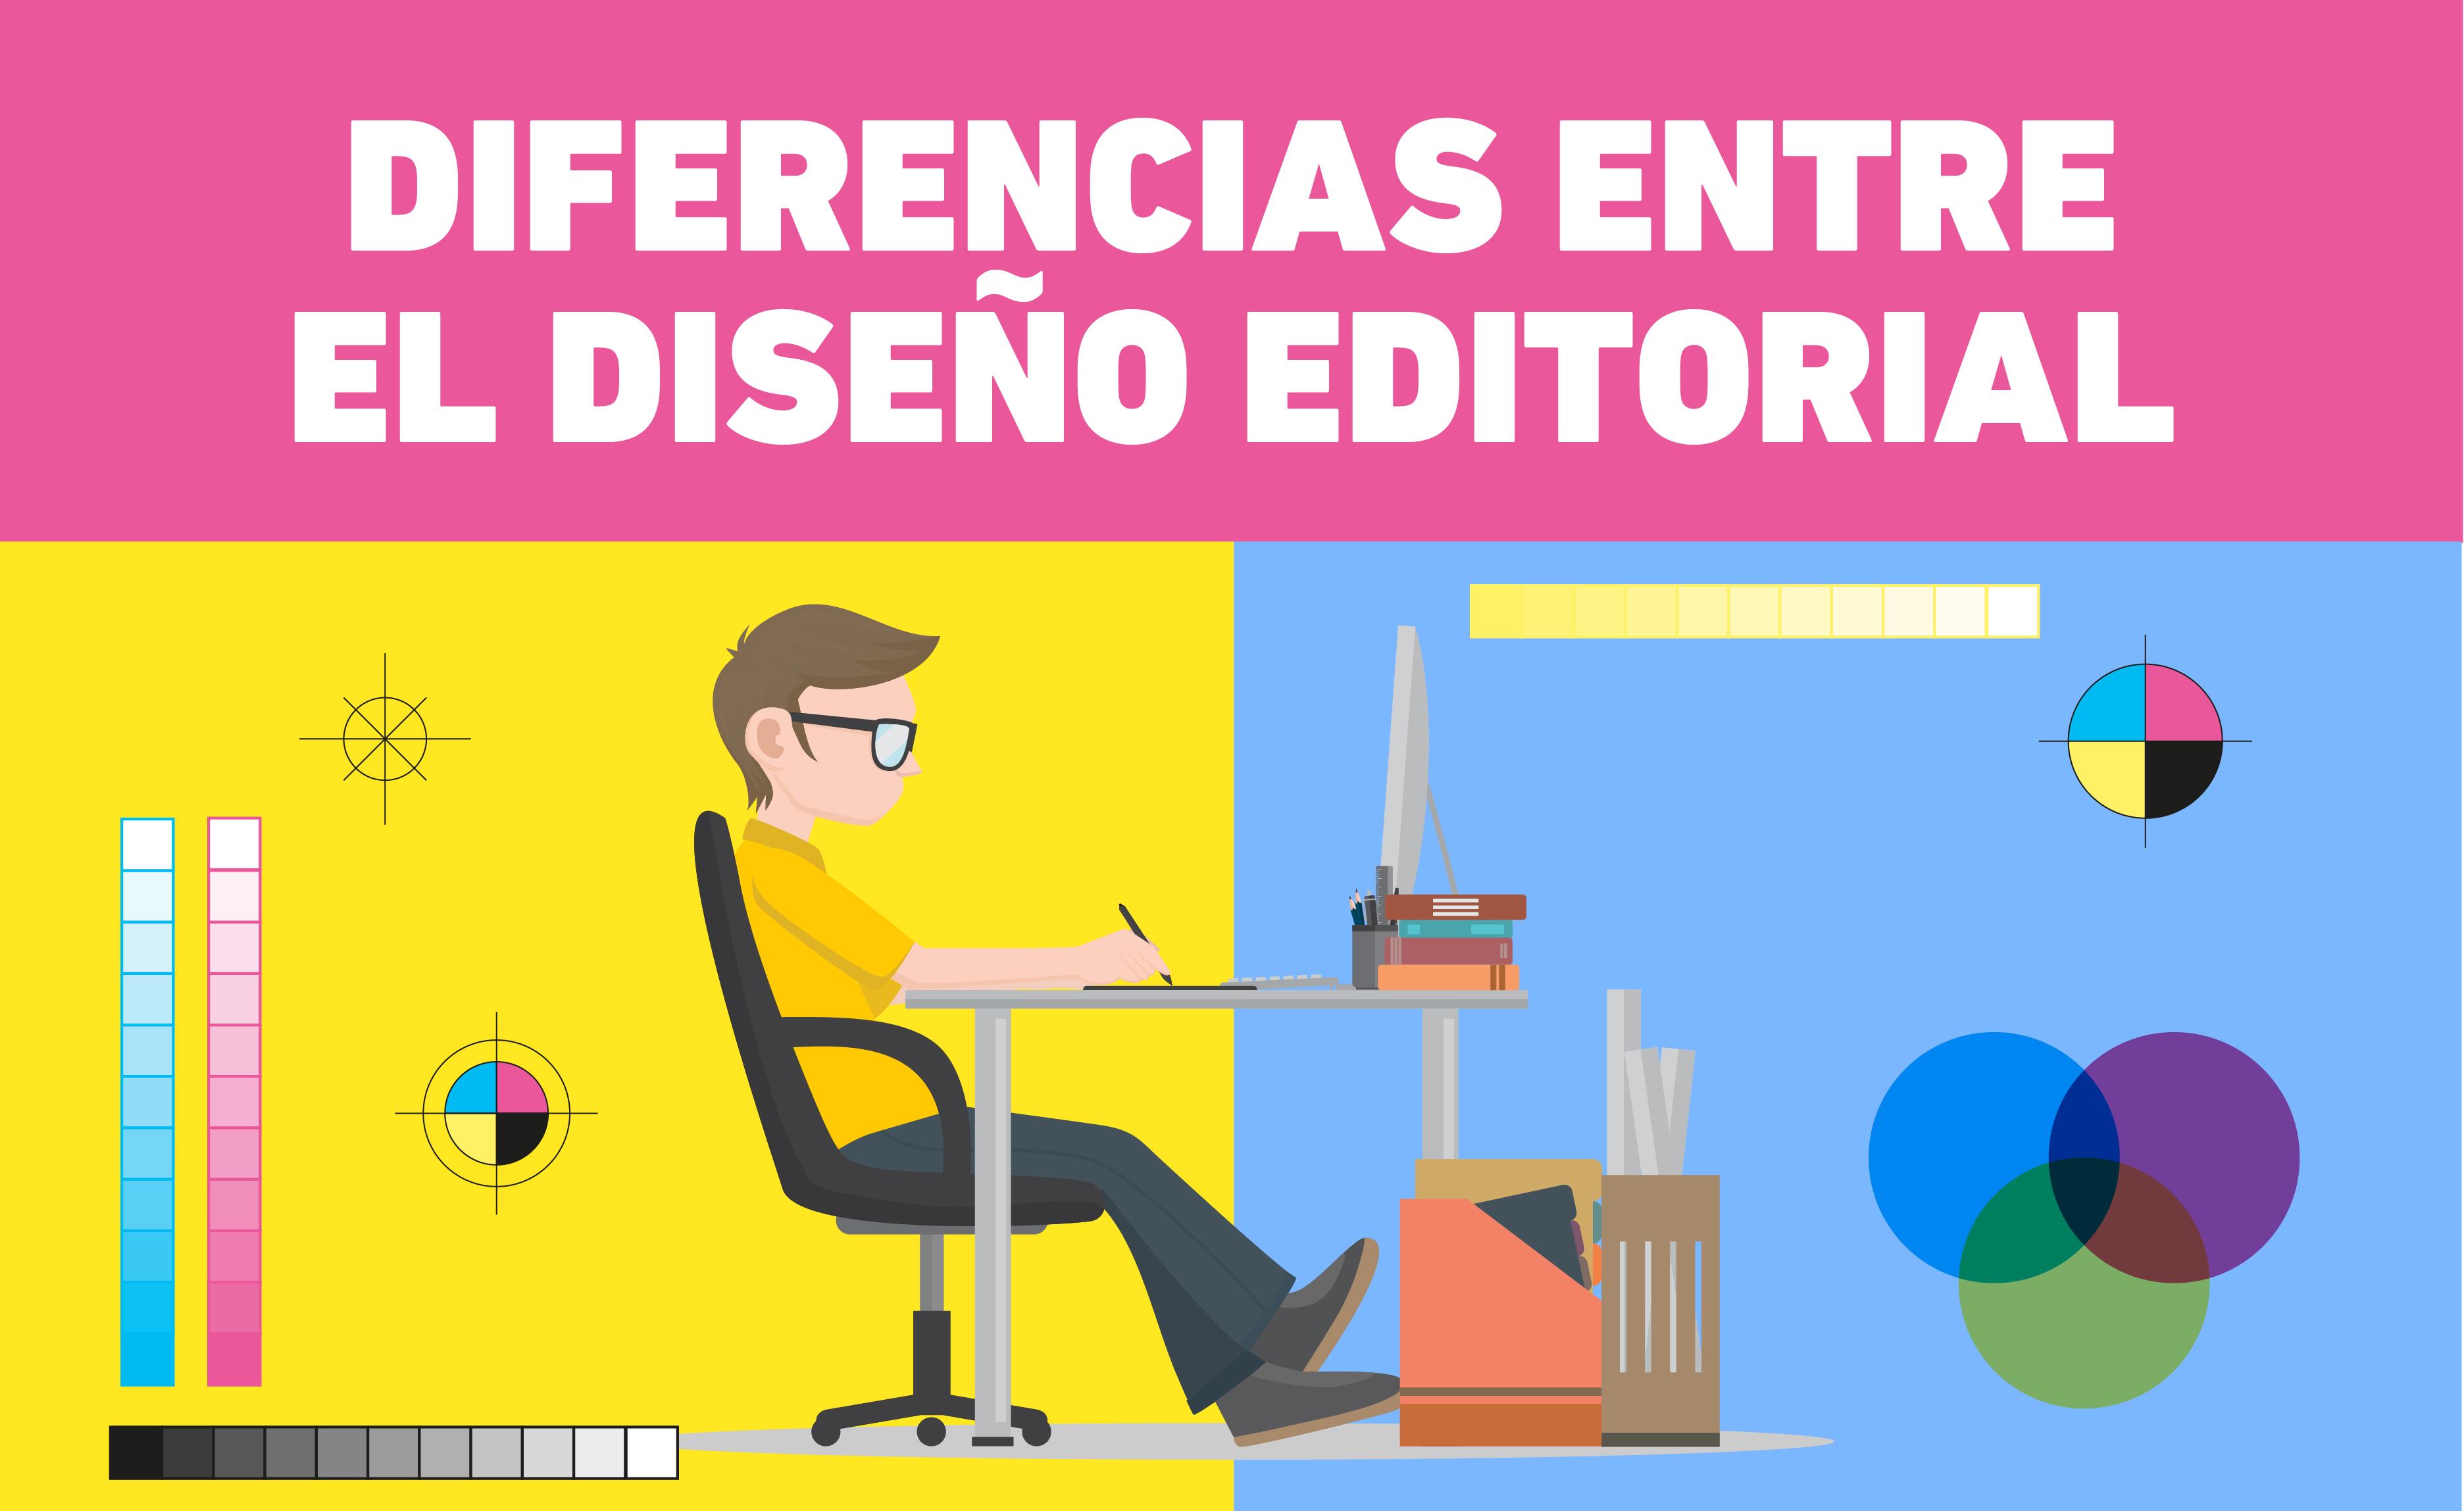 Existen diferencias entre diseño editorial impreso y digital que no se deben pasar por alto, porque podría confundir al lector.